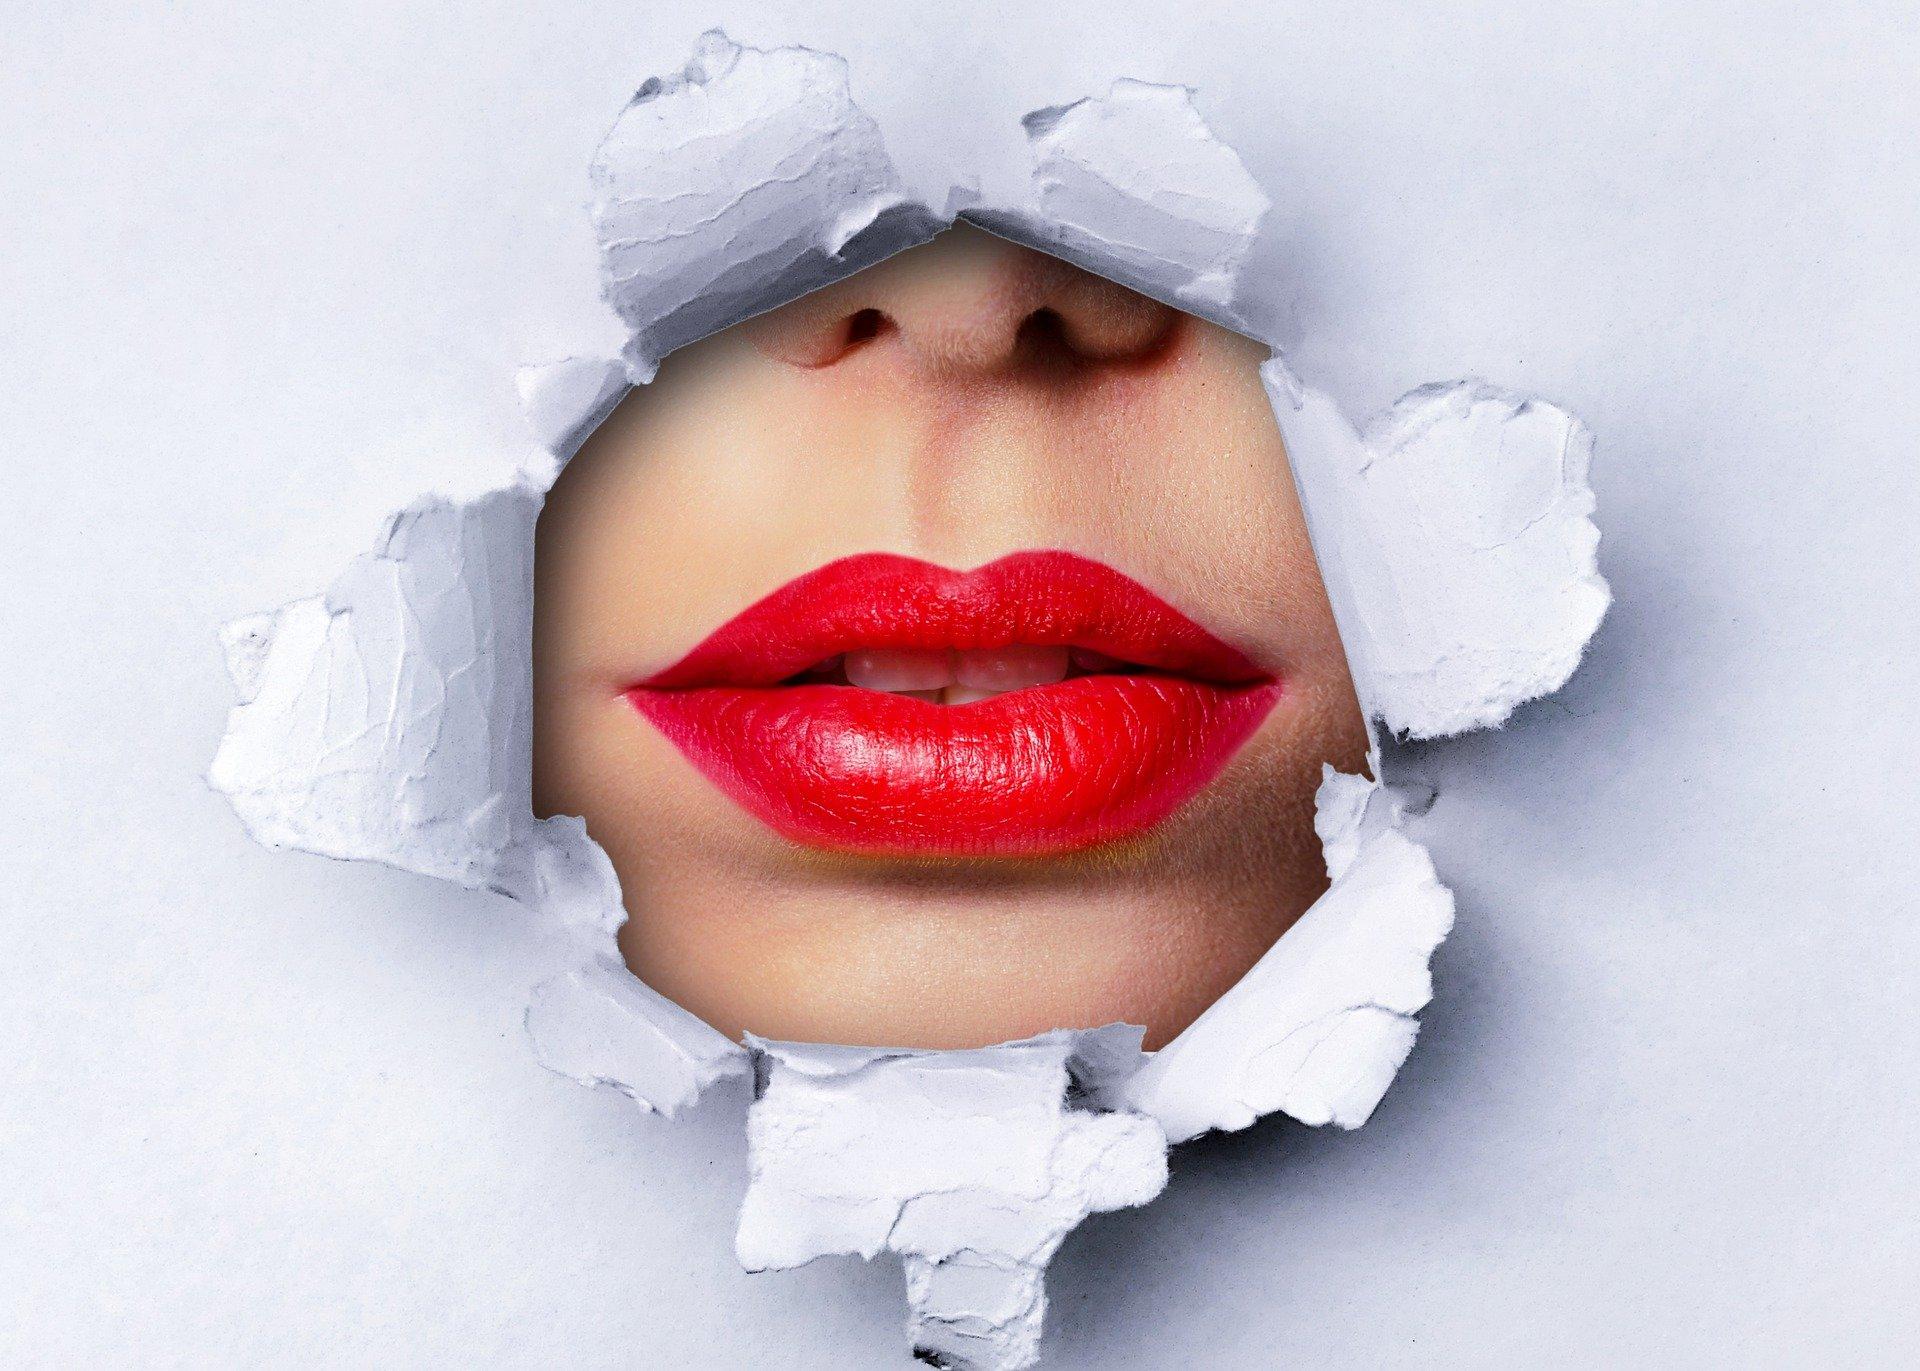 Перманентный макияж: на что обратить внимание до и после процедуры?